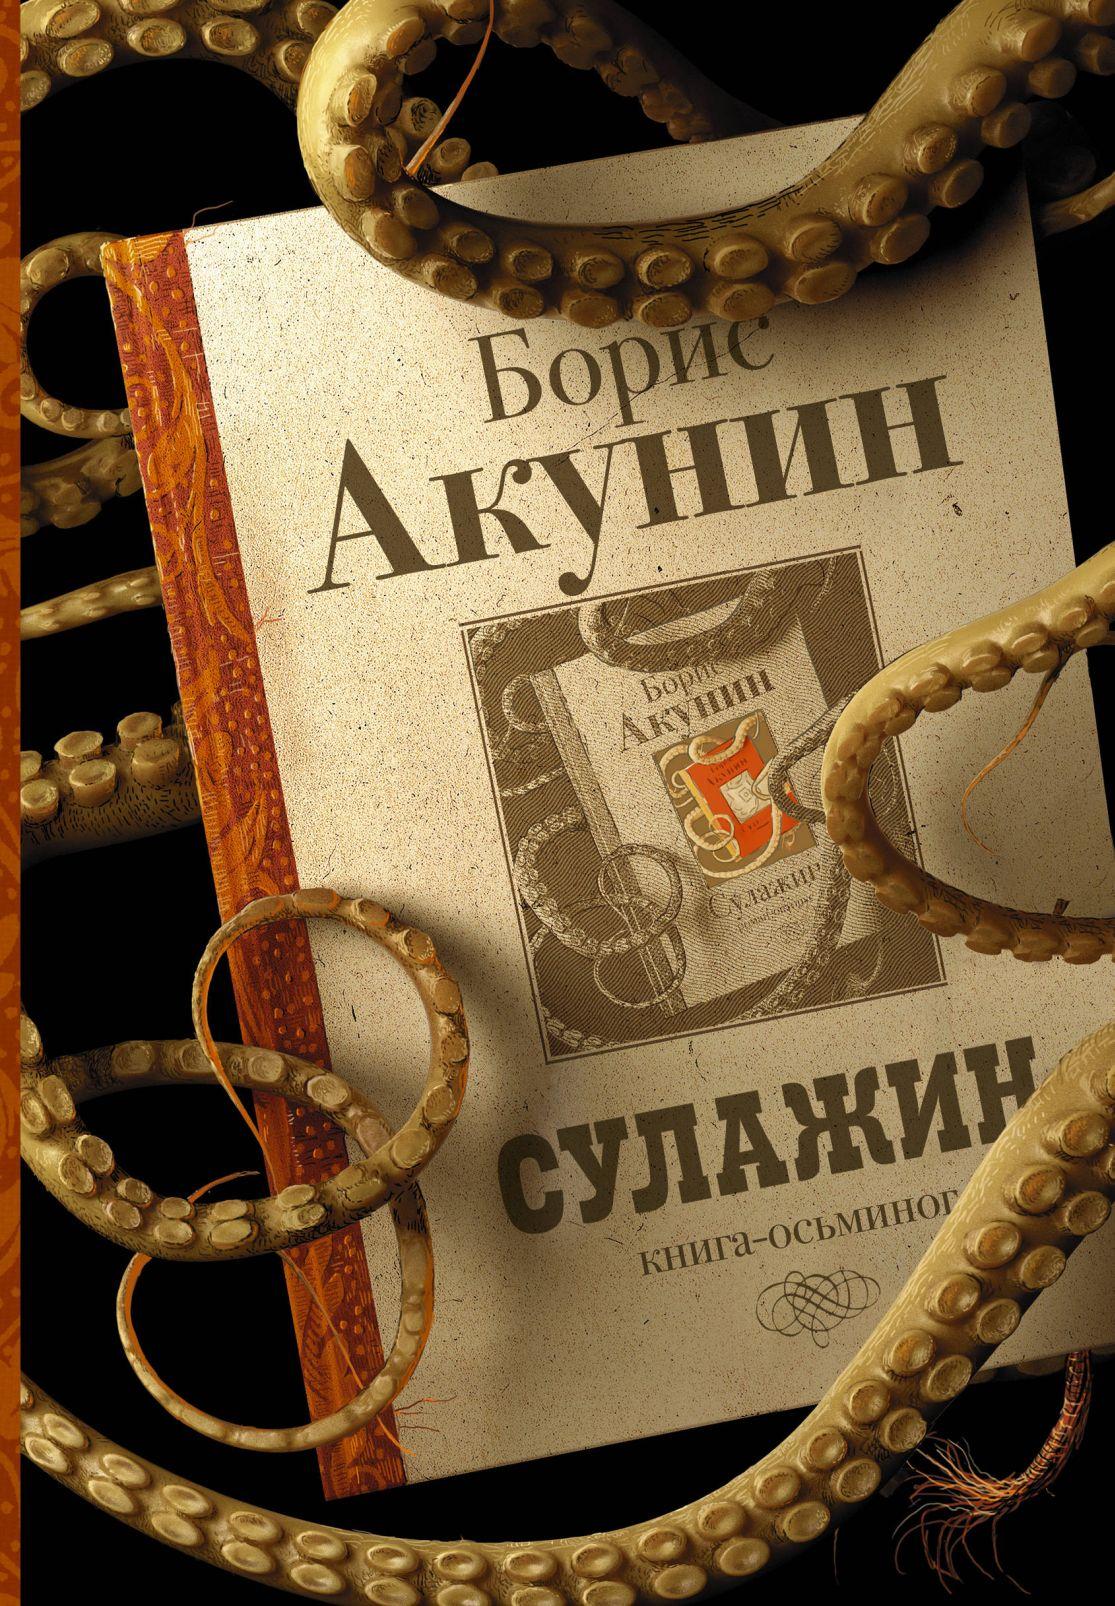 Сулажин: книга-осьминог